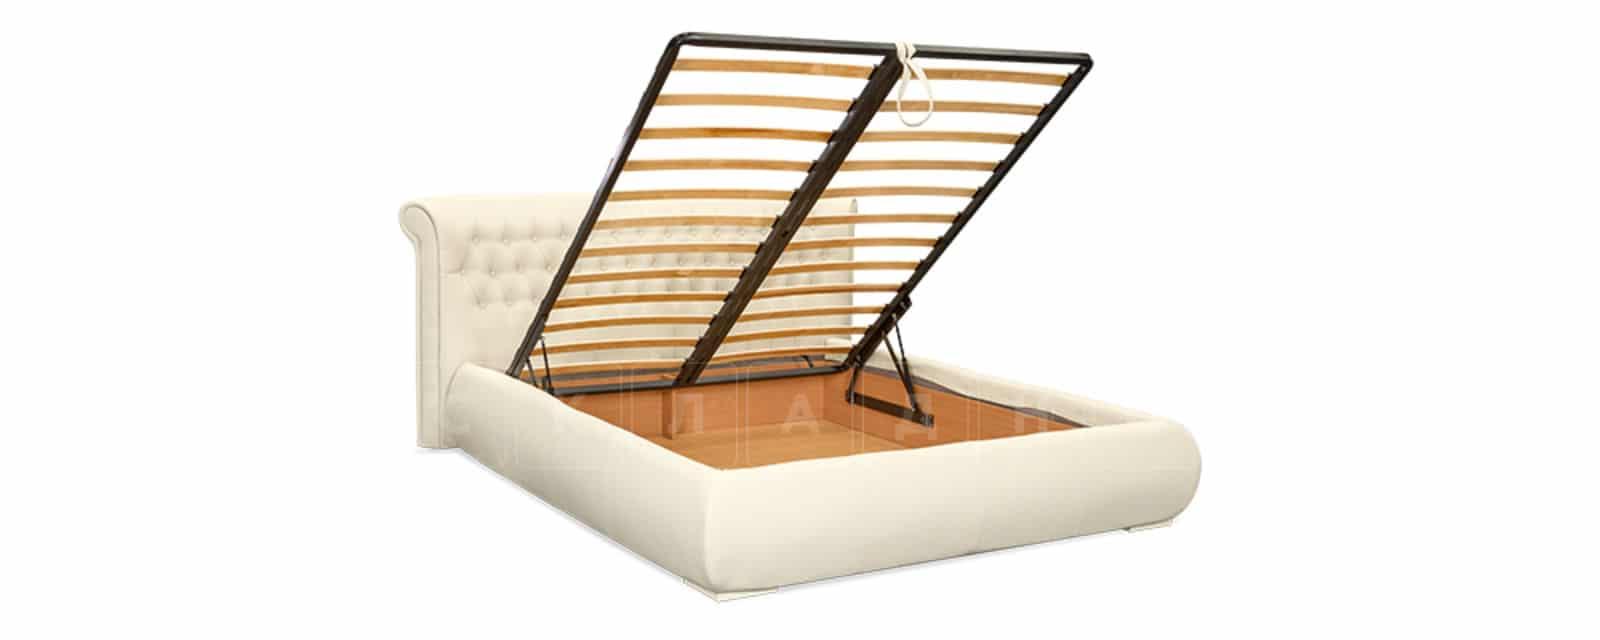 Мягкая кровать Вирджиния 160см экокожа молочного цвета фото 6 | интернет-магазин Складно